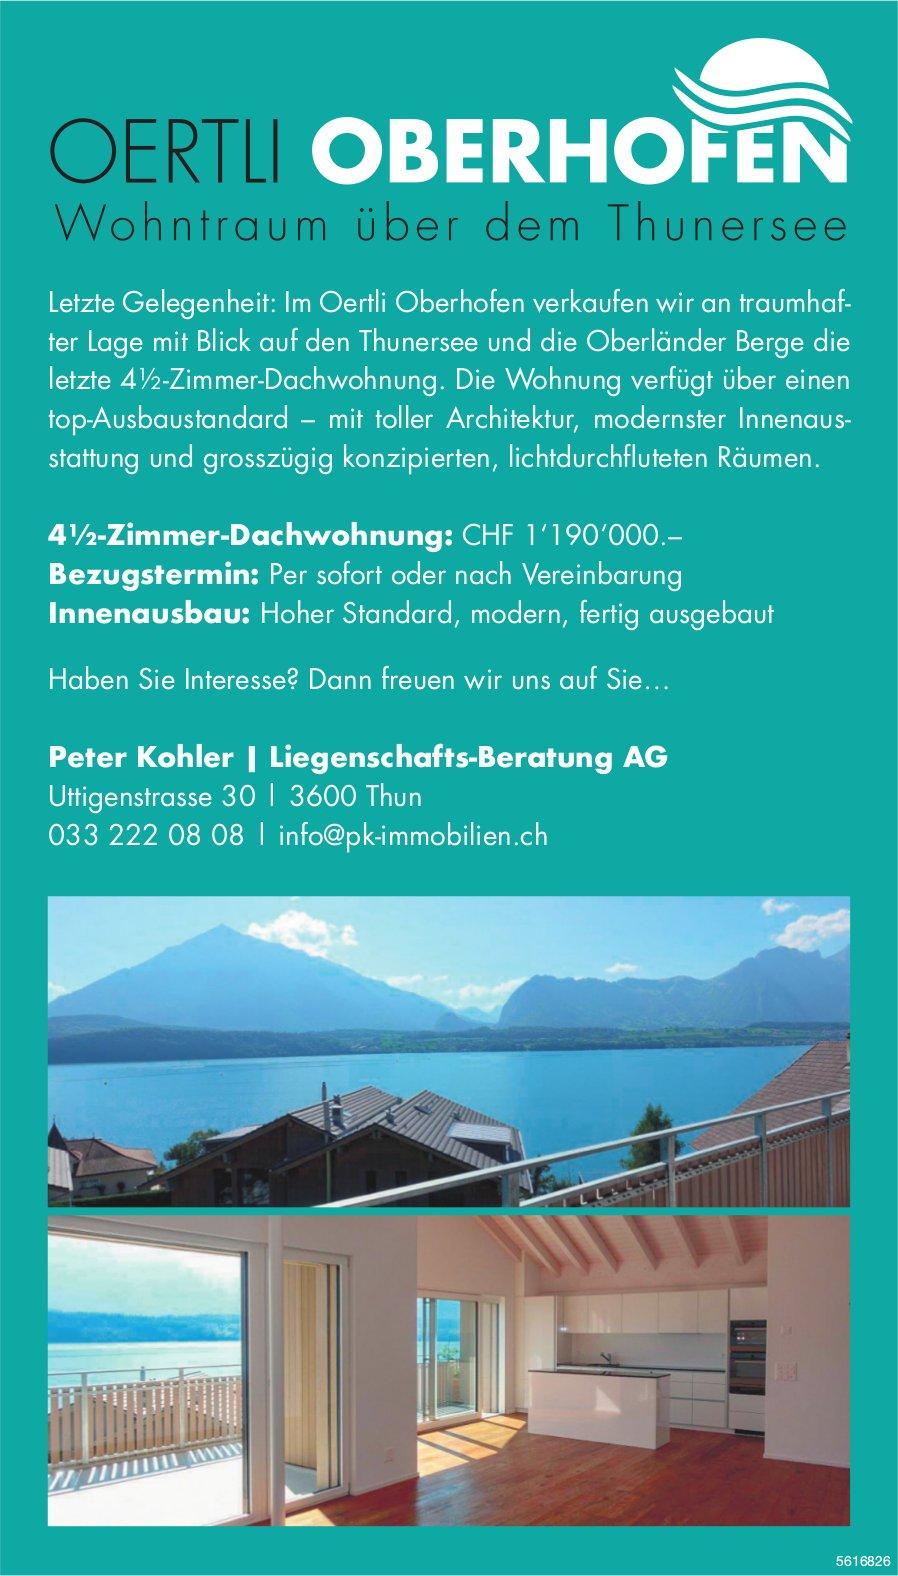 4½-Zimmer-Dachwohnung im Oertli Oberhofen zu verkaufen